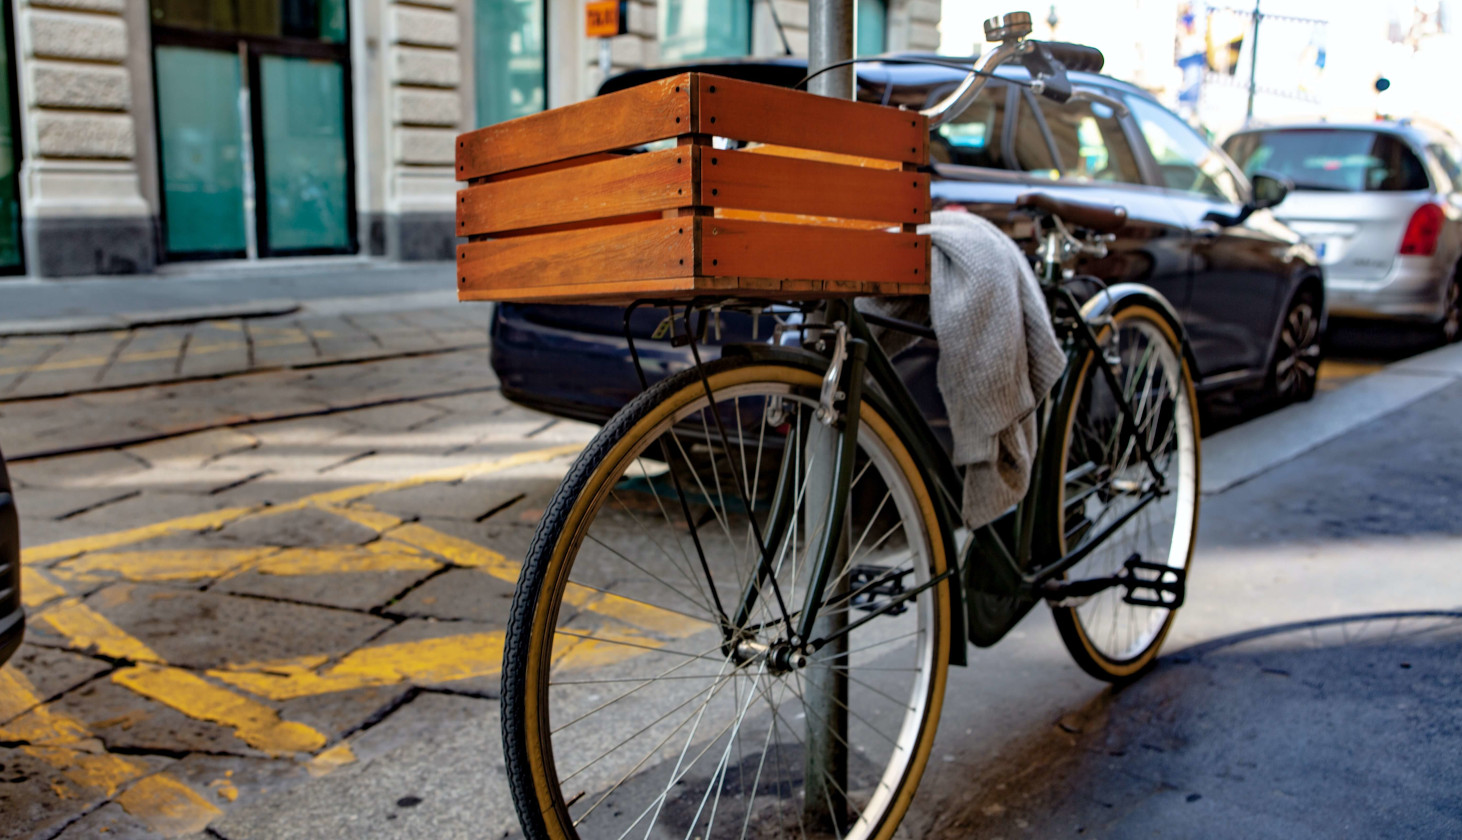 Transportfiets met houten krat op voordrager